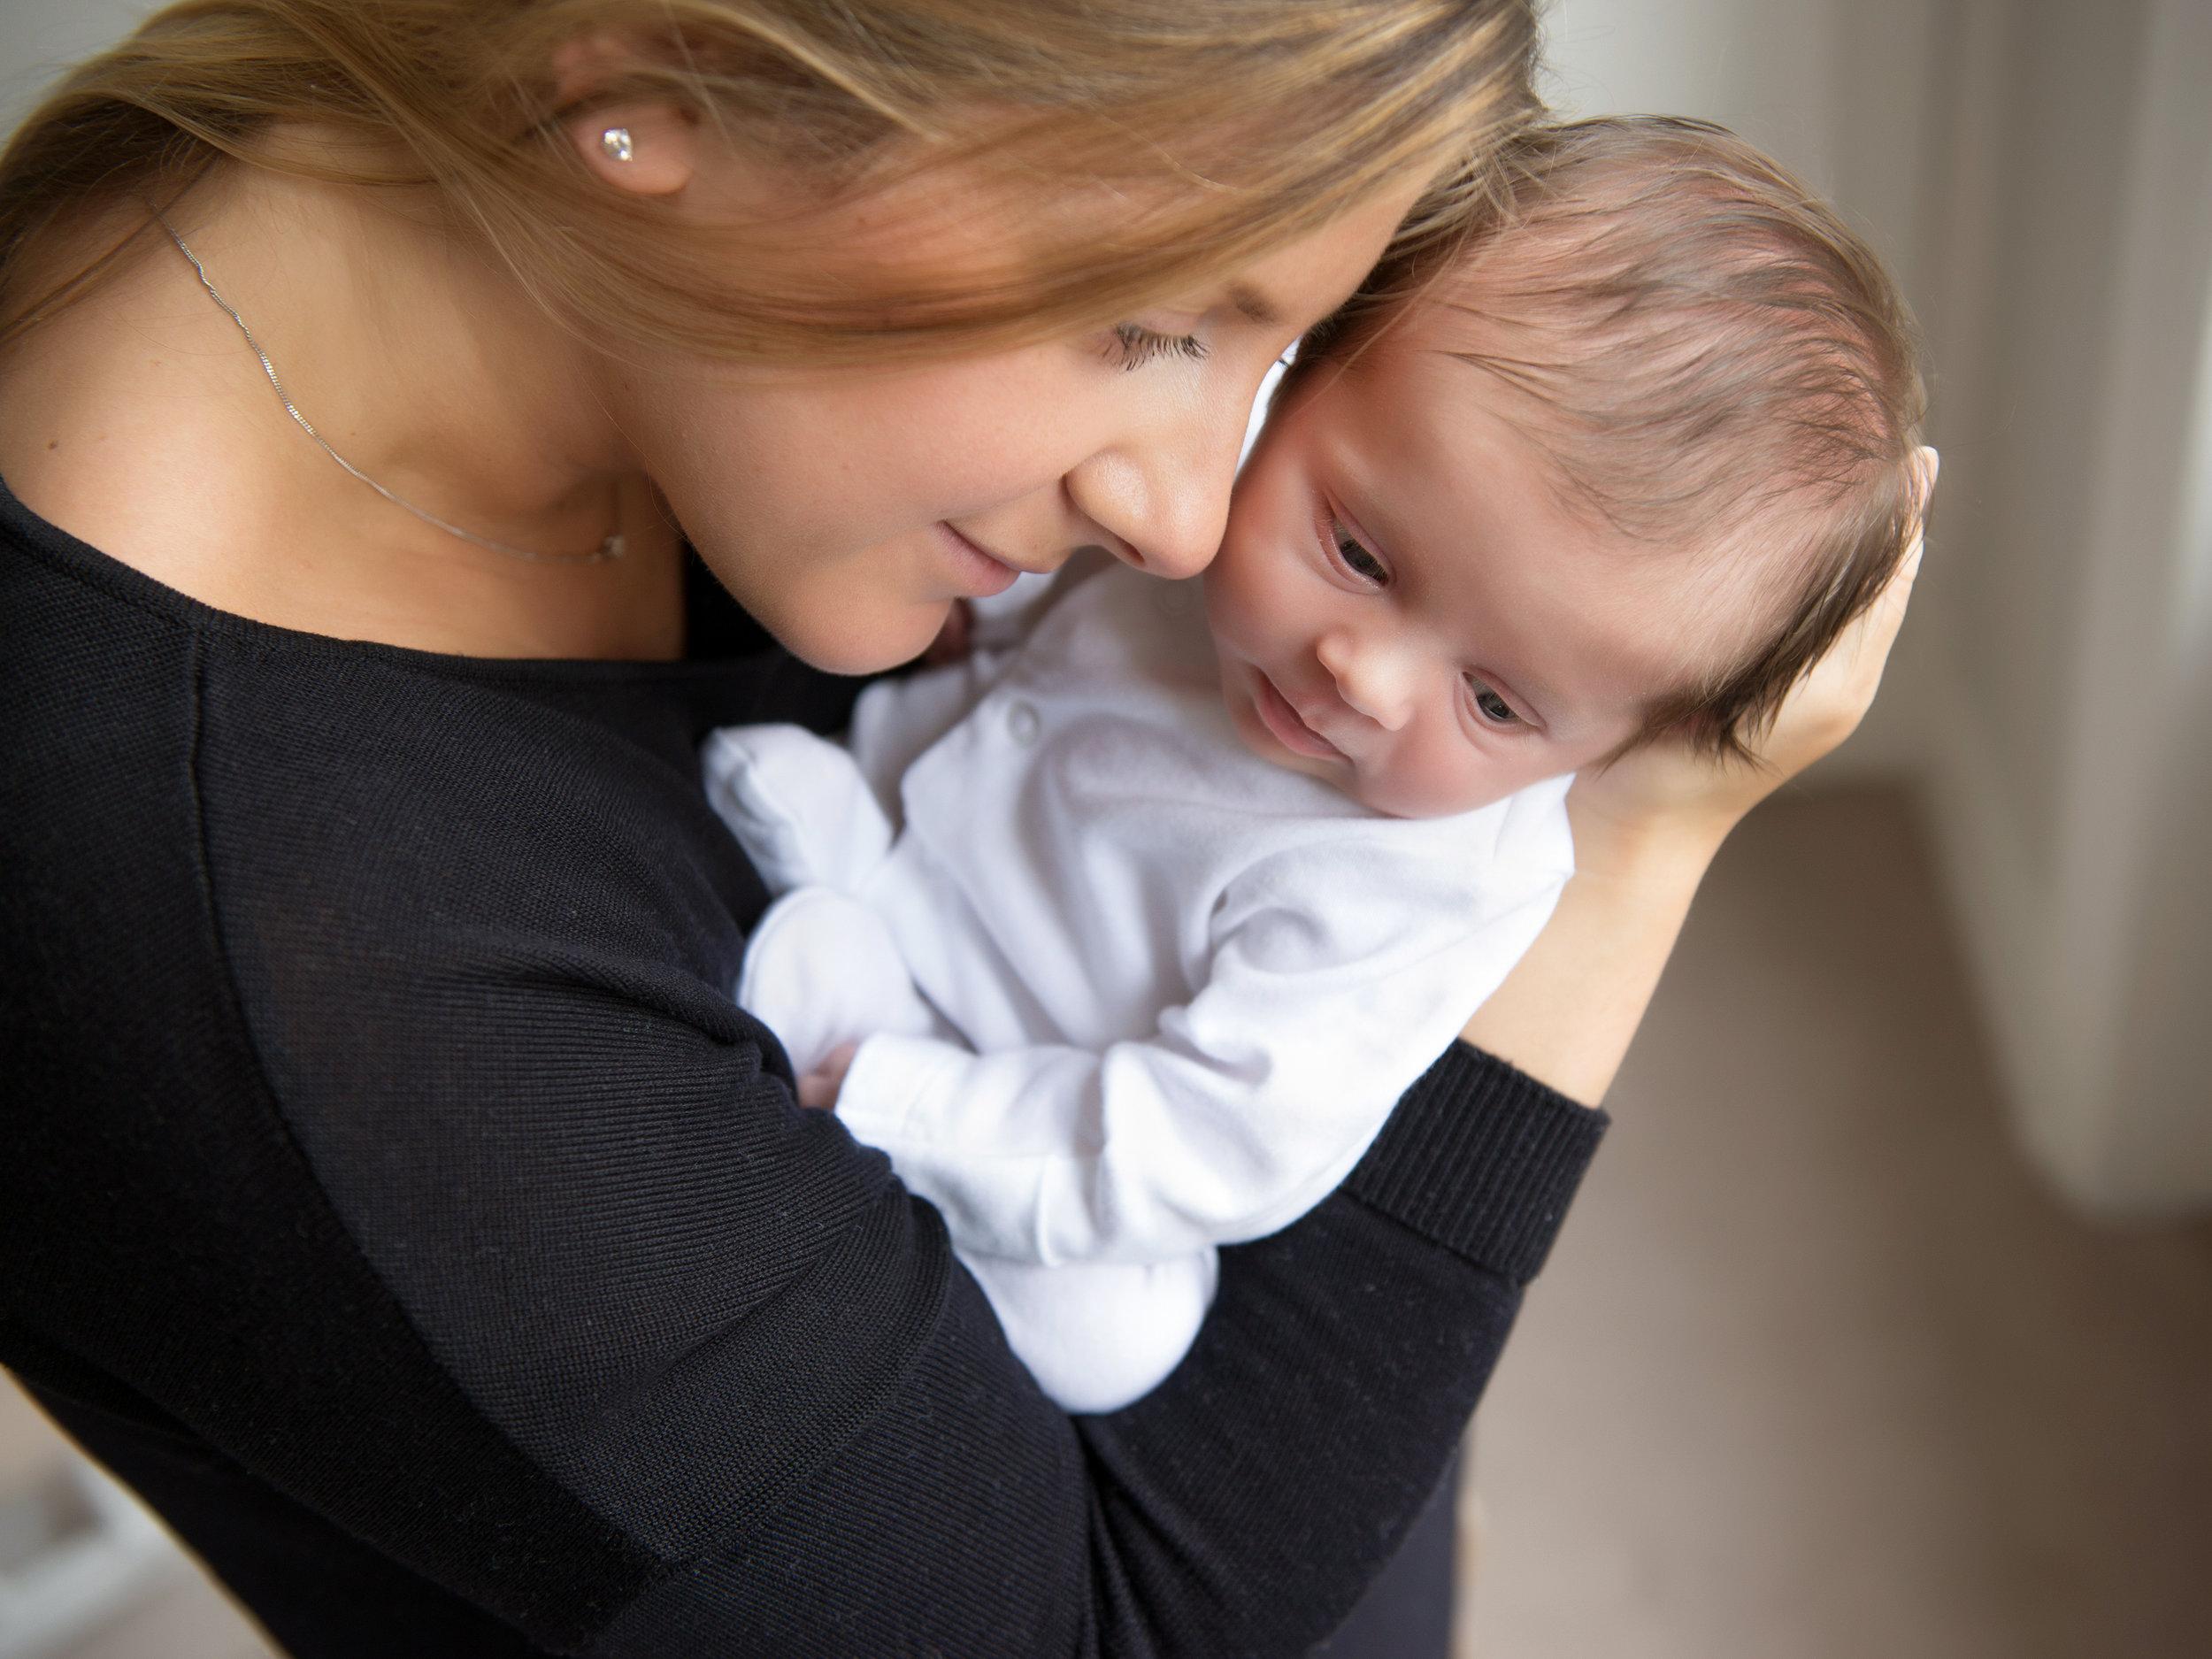 newborn-photoshoot-at-home-London.jpg